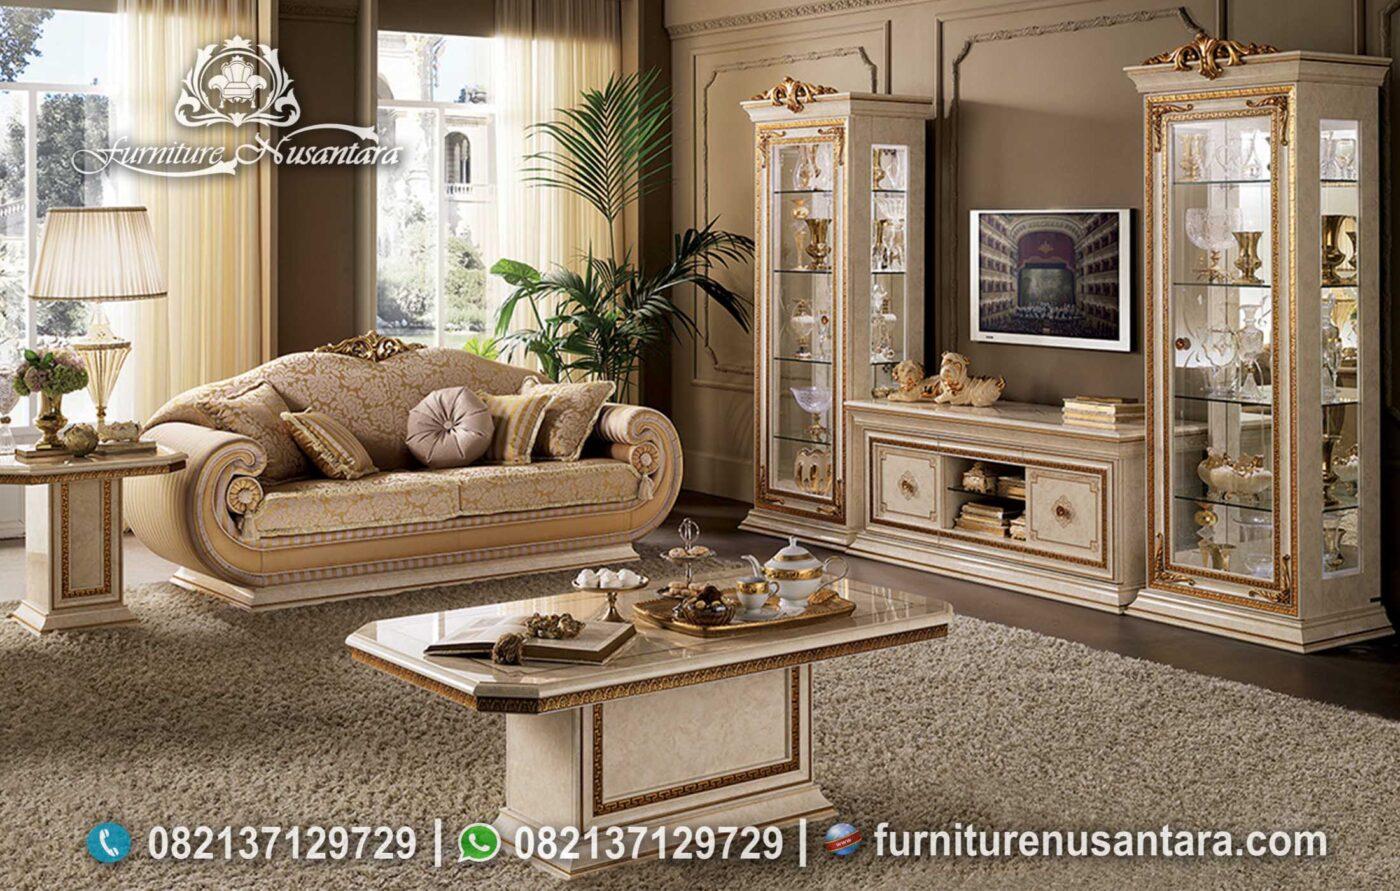 Sofa Tamu Luxury Mewah Terbaru ST-89, Furniture Nusantara